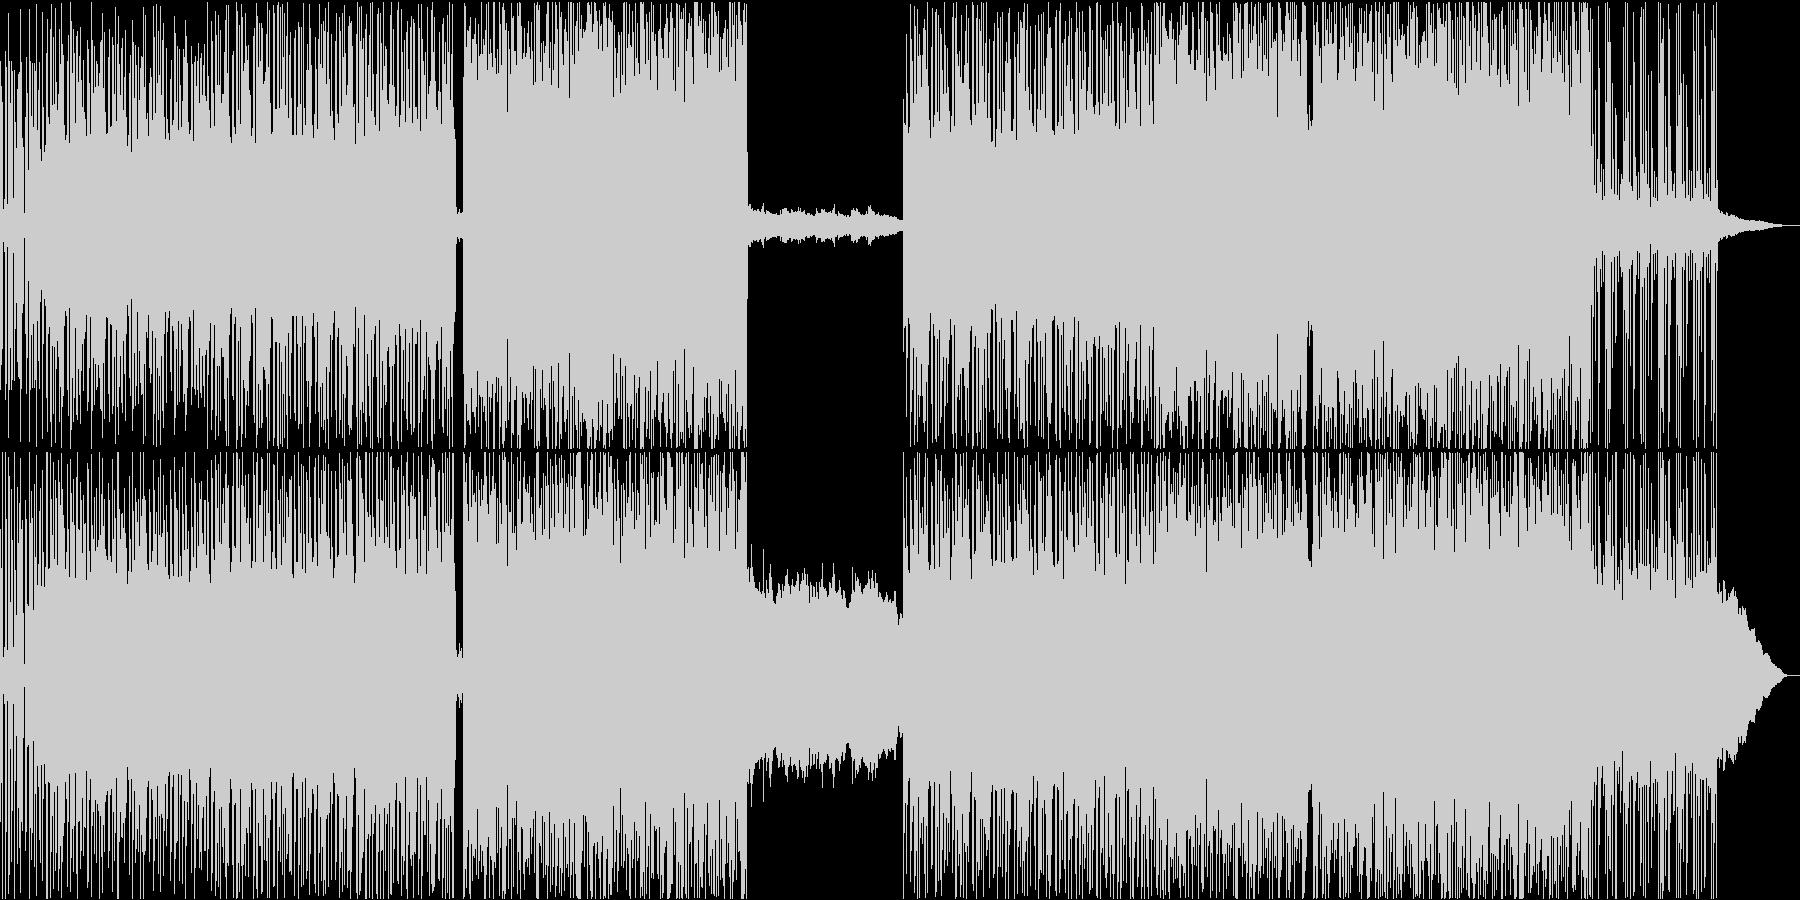 歪んだギターのアルペジオと変拍子の未再生の波形